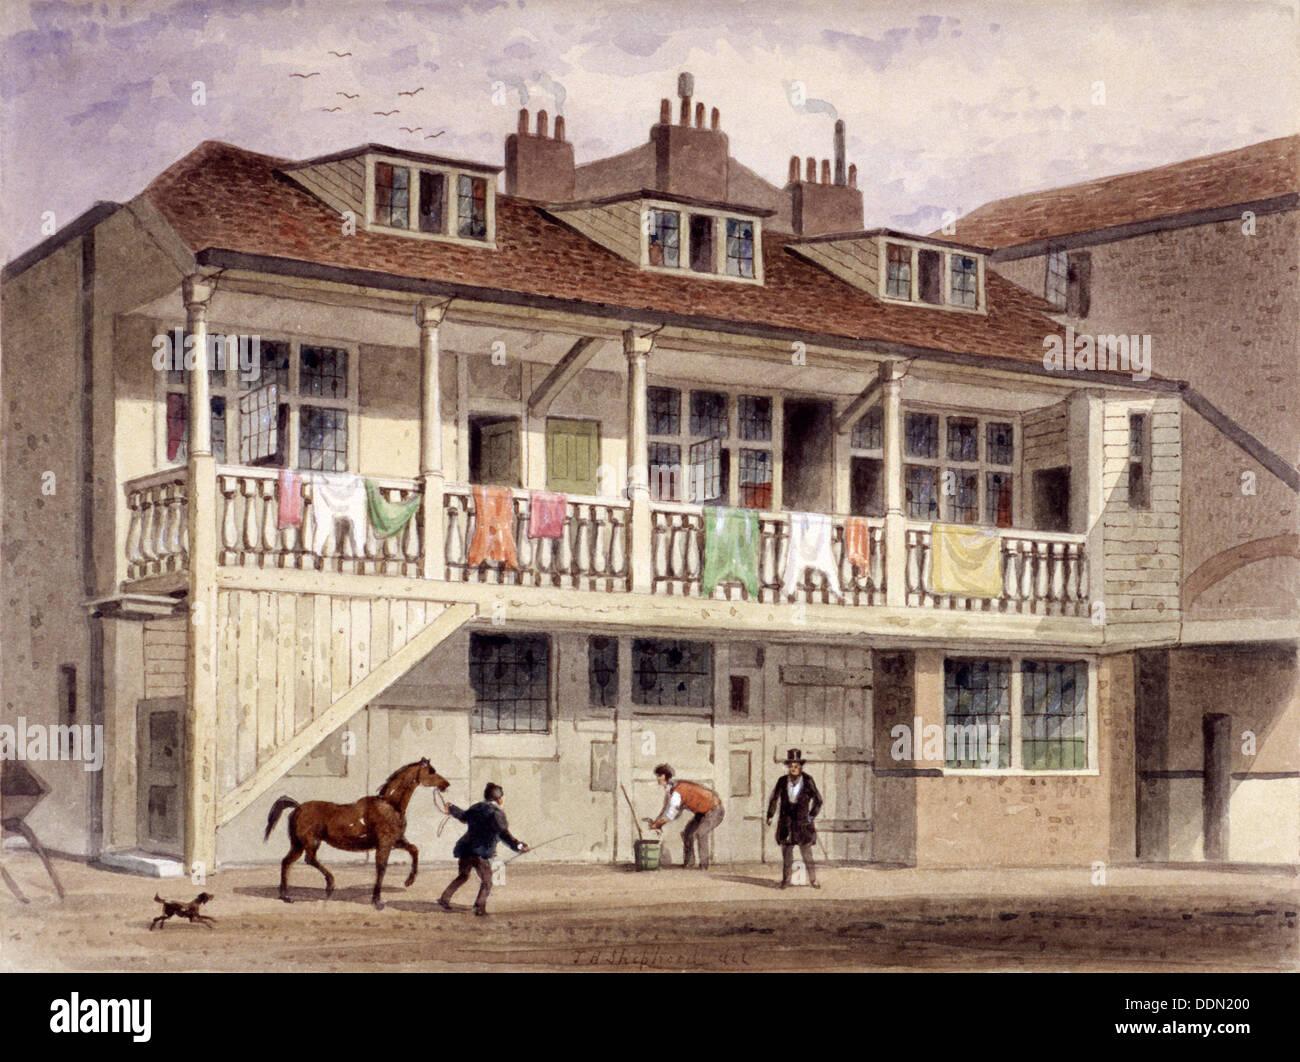 The Black Lion Inn, Whitefriars Street, London, c1855.  Artist: Thomas Hosmer Shepherd - Stock Image